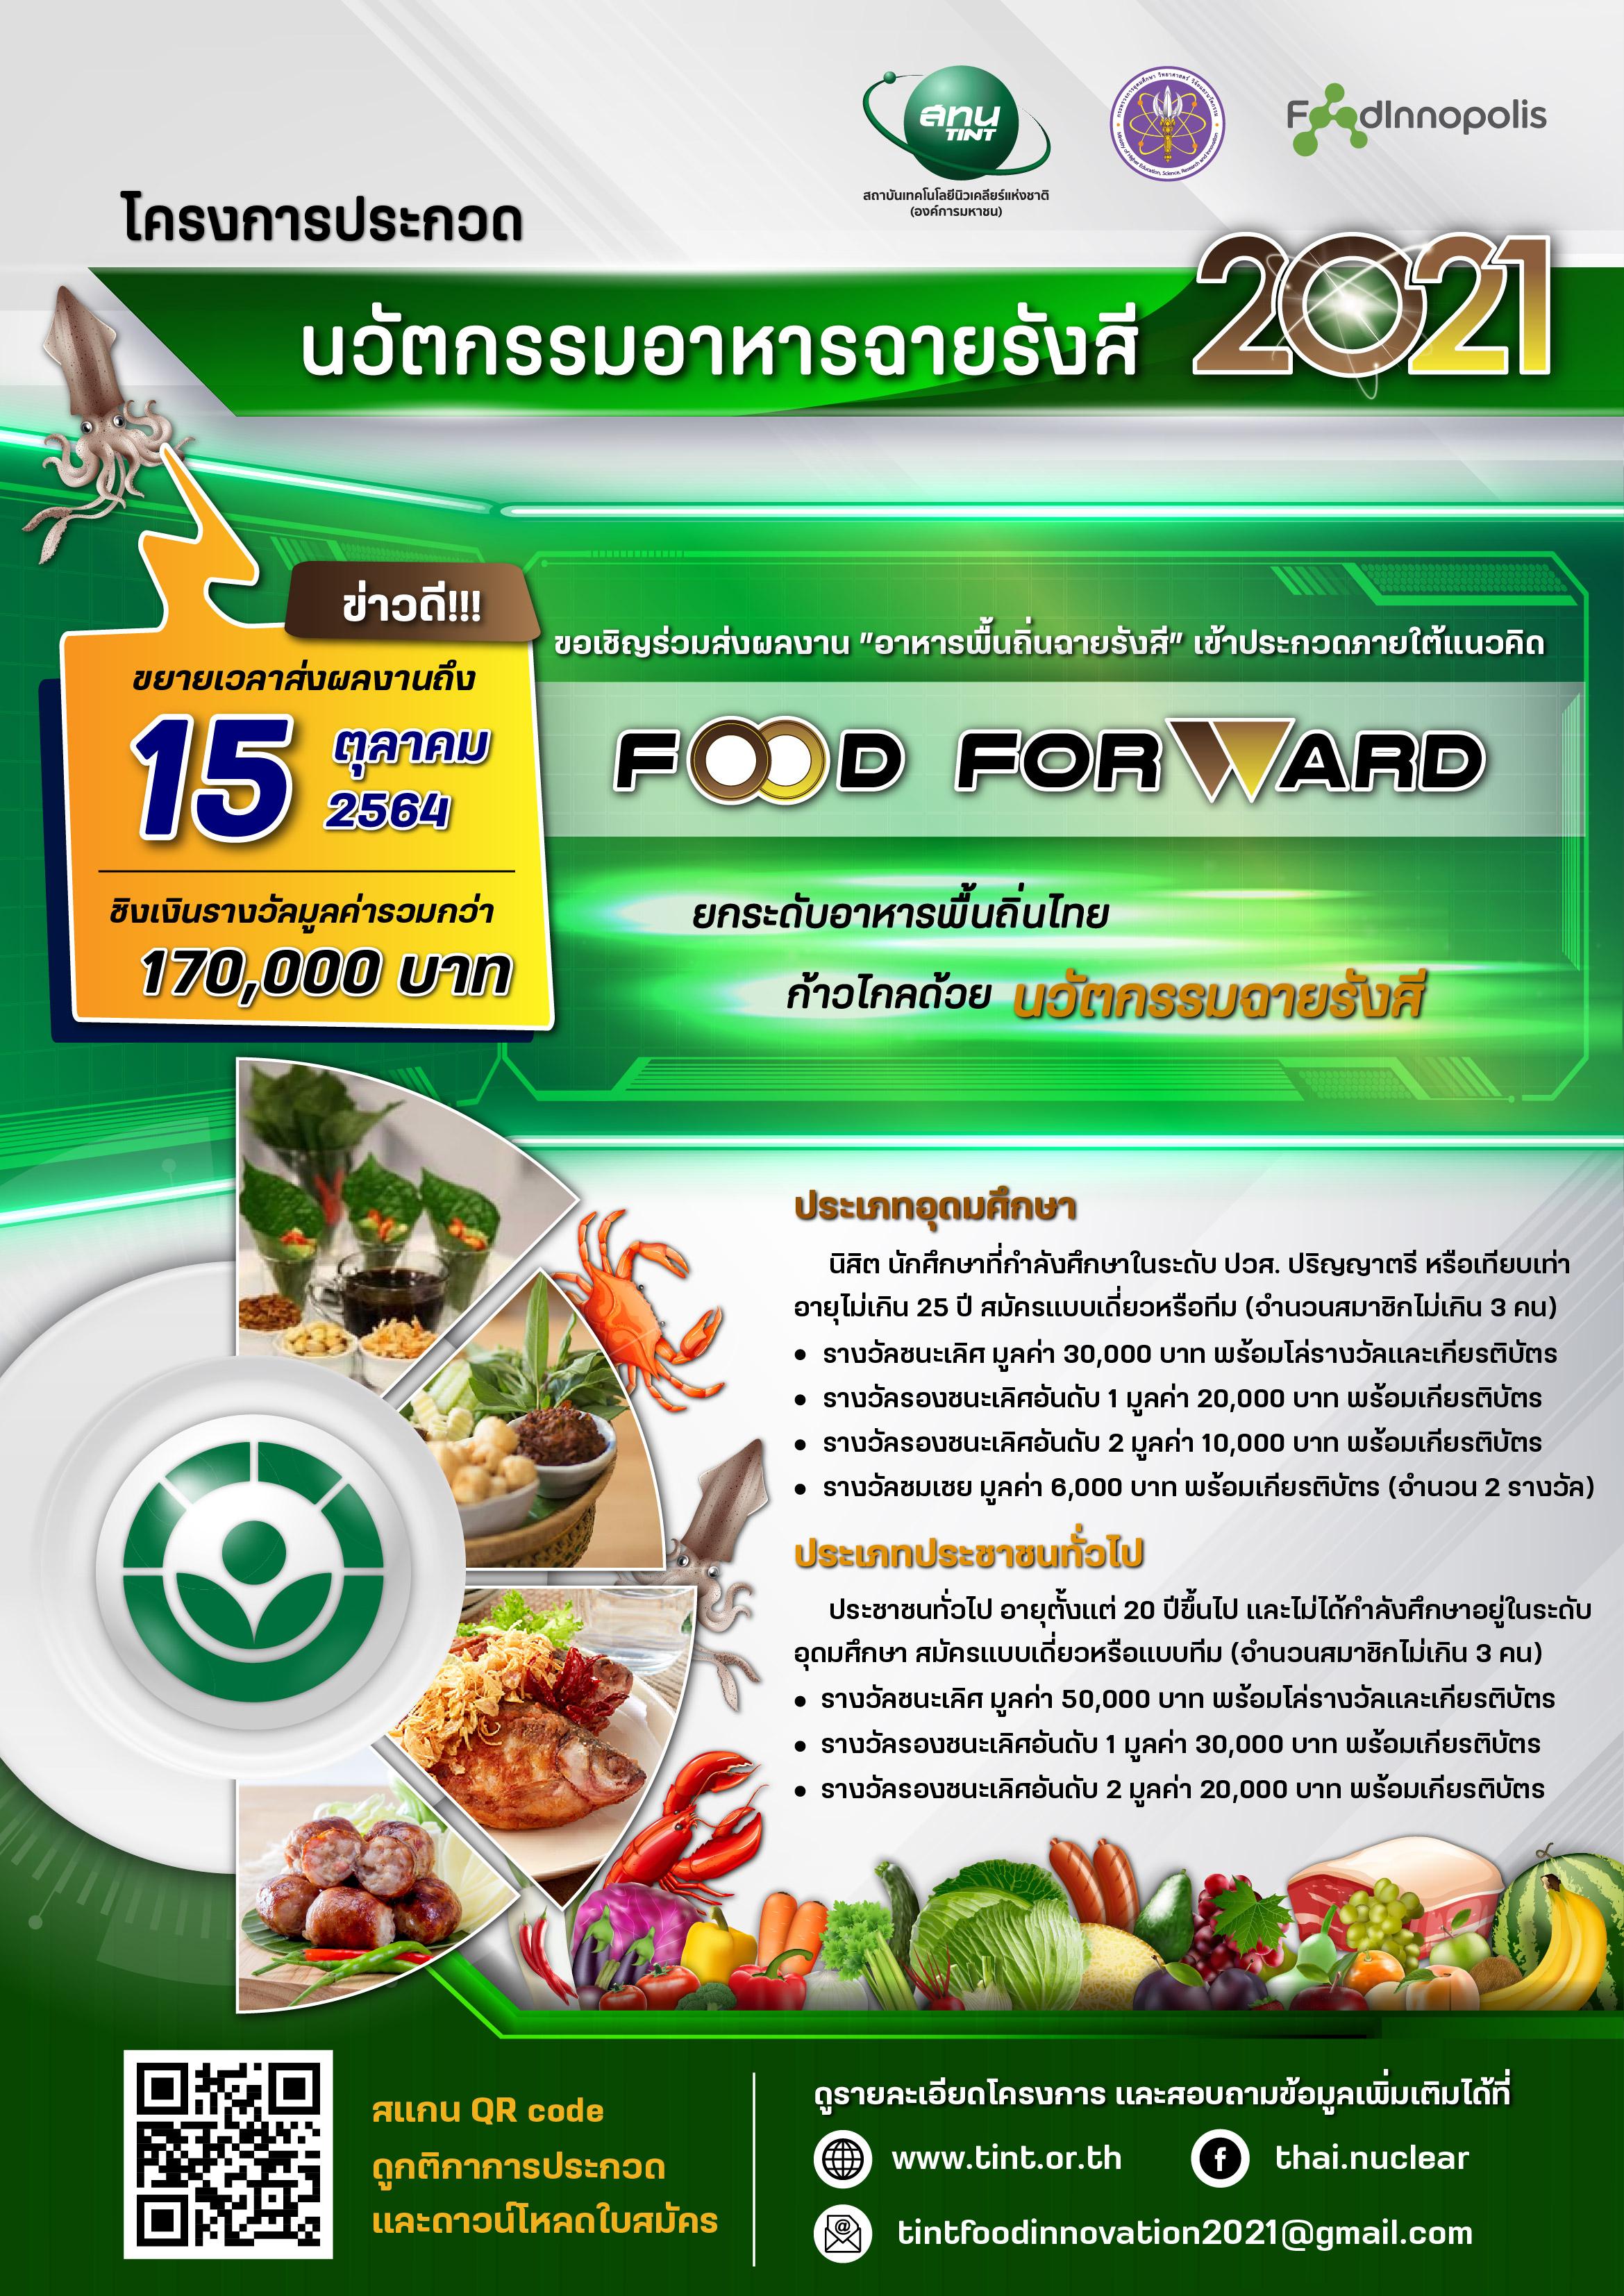 โครงการประกวดนวัตกรรมอาหารฉายรังสีปี 2564 เปิดสนามประลองให้คนรุ่นใหม่